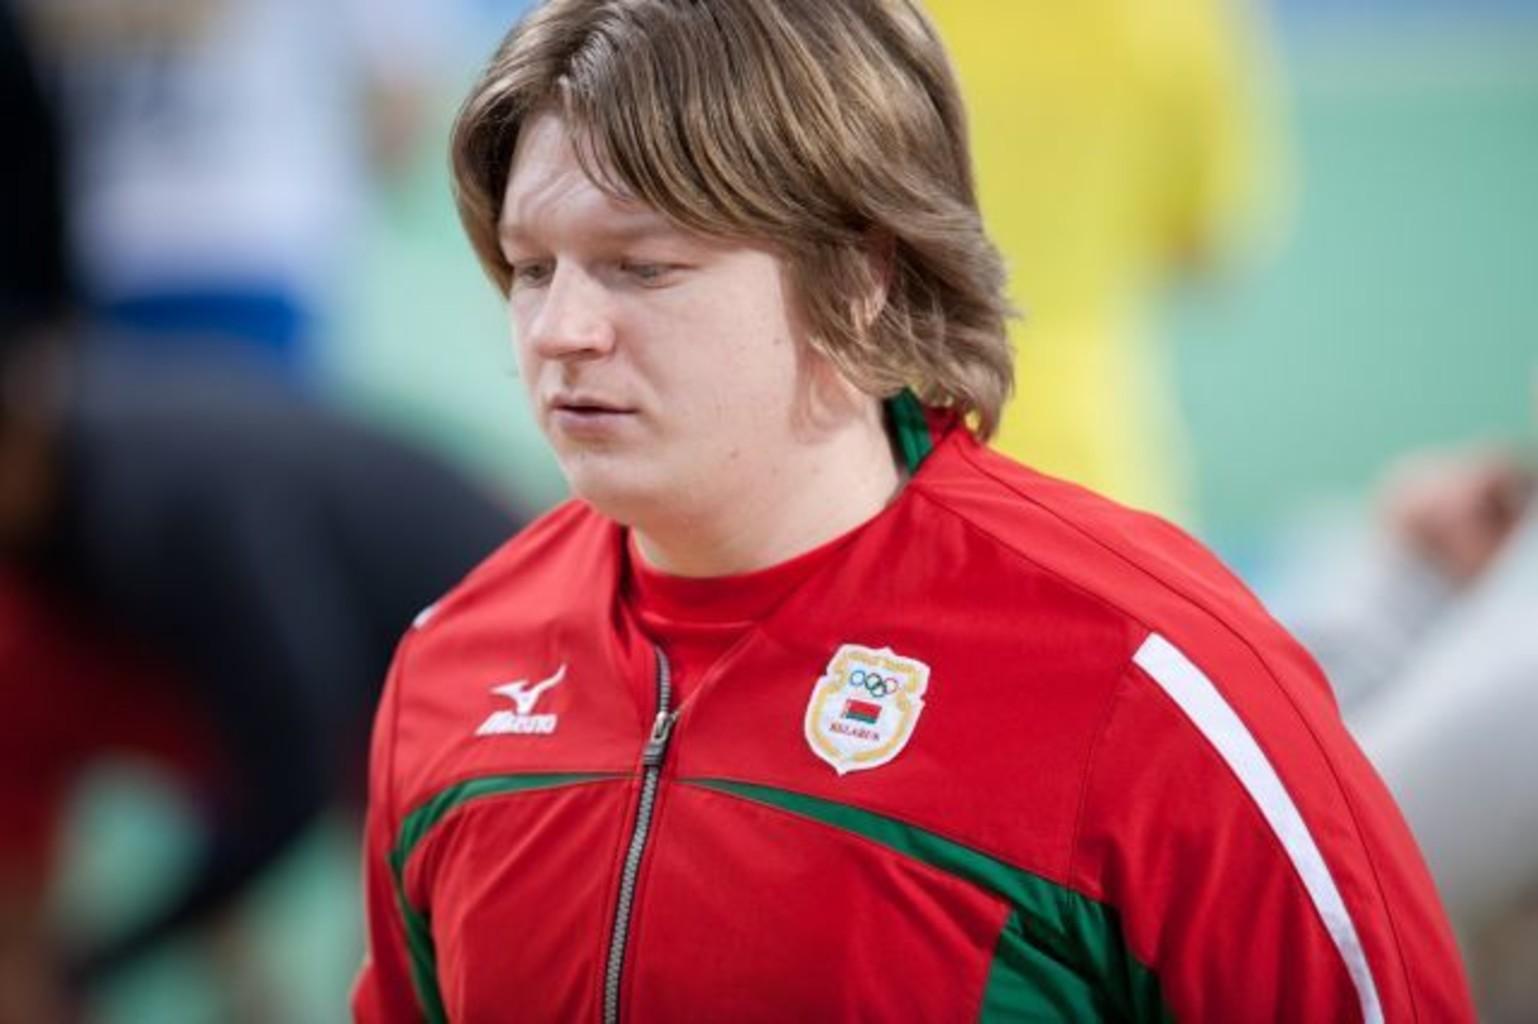 Nadezhda ostapchuk doha 2010